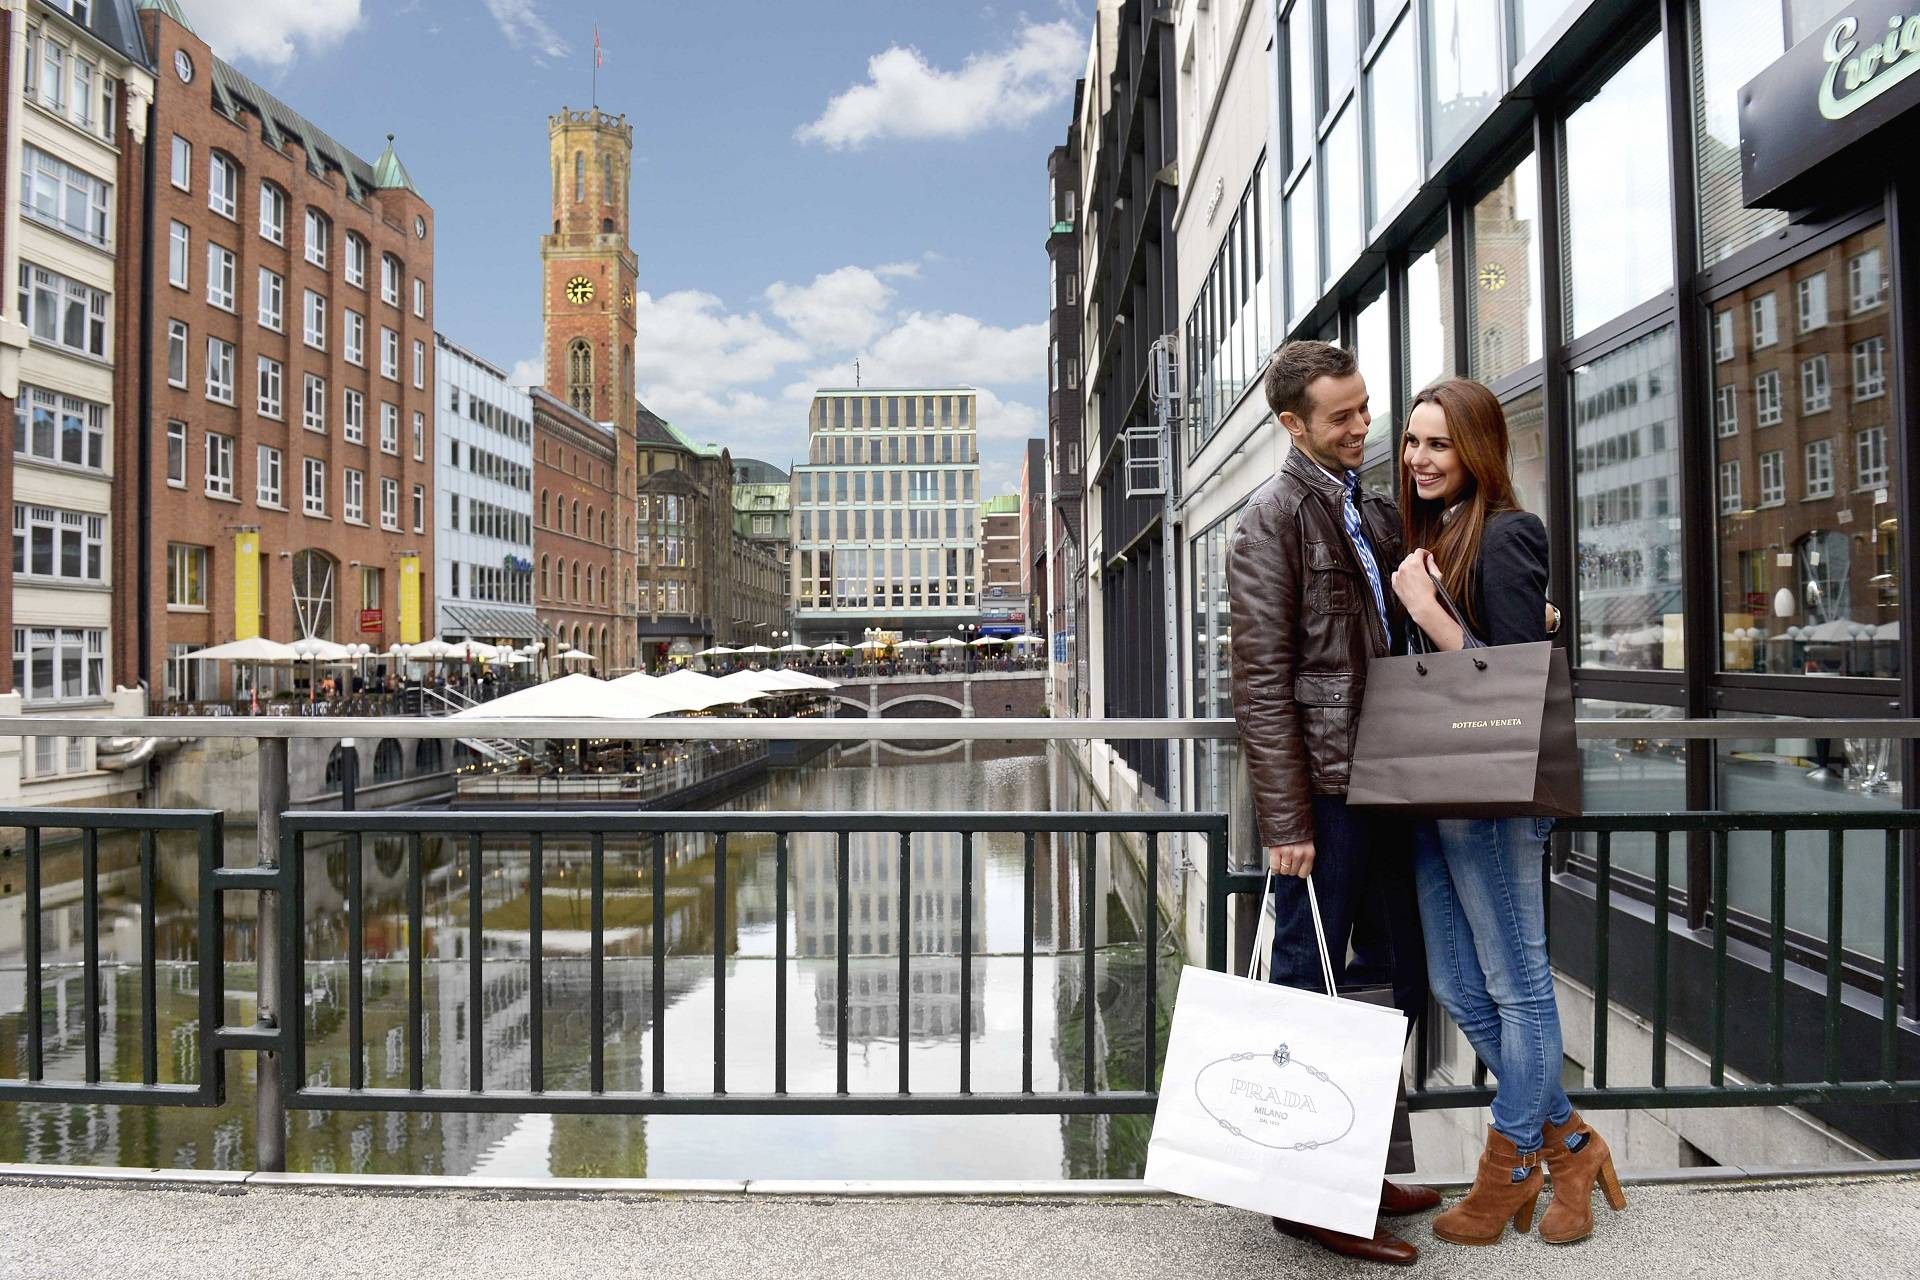 Гамбург | visit-plus туризм и путешествия